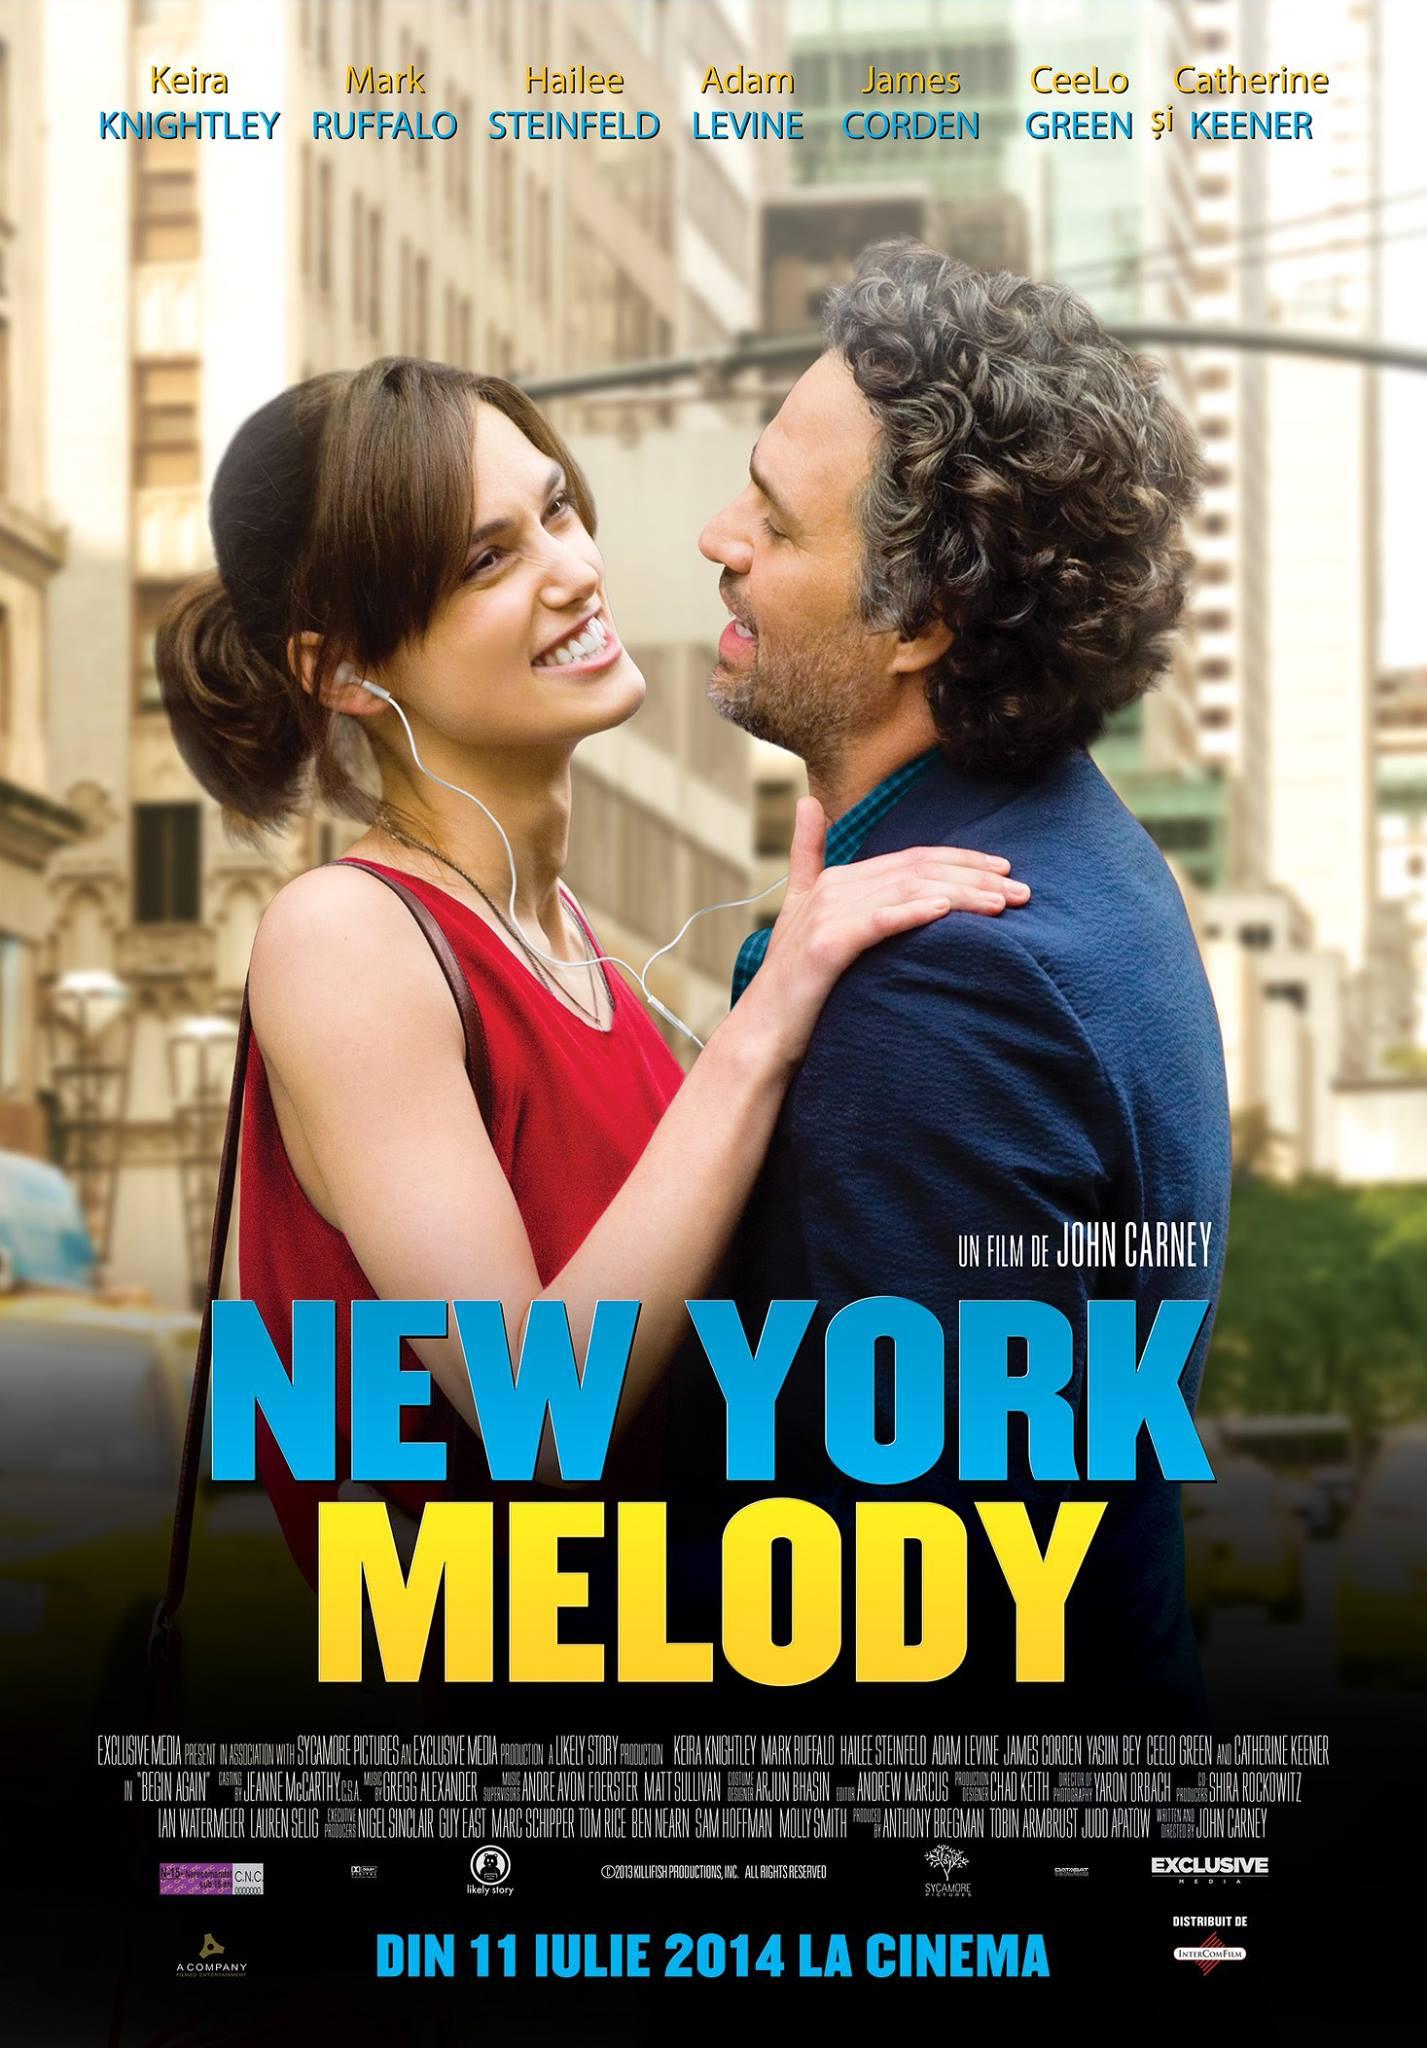 Comédie Musicale Film Comédie Romantique Musicale